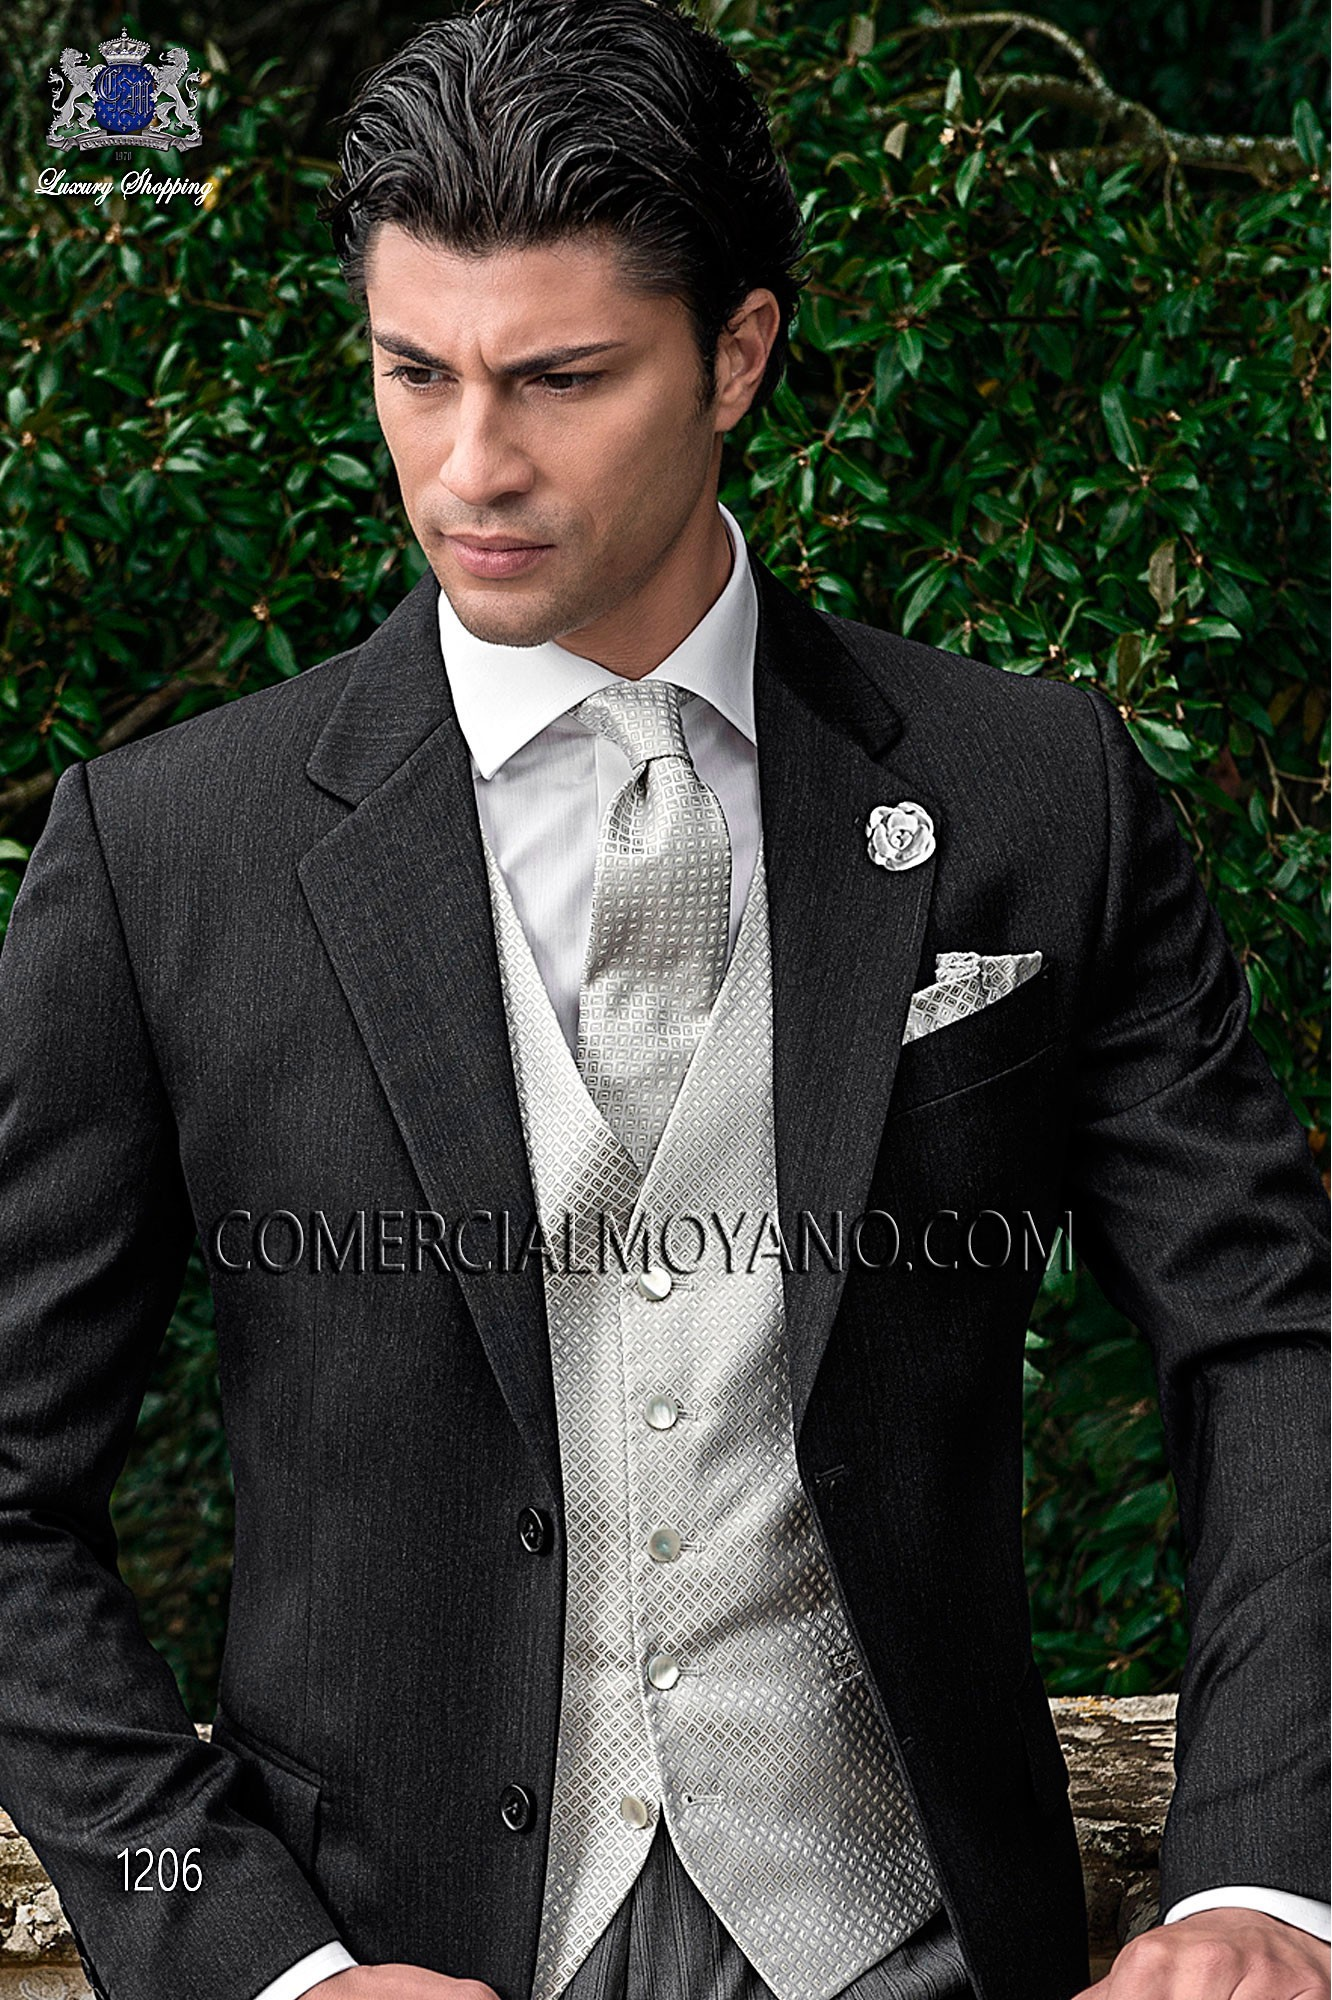 Traje Gentleman de novio gris modelo: 1206 Ottavio Nuccio Gala colección Gentleman